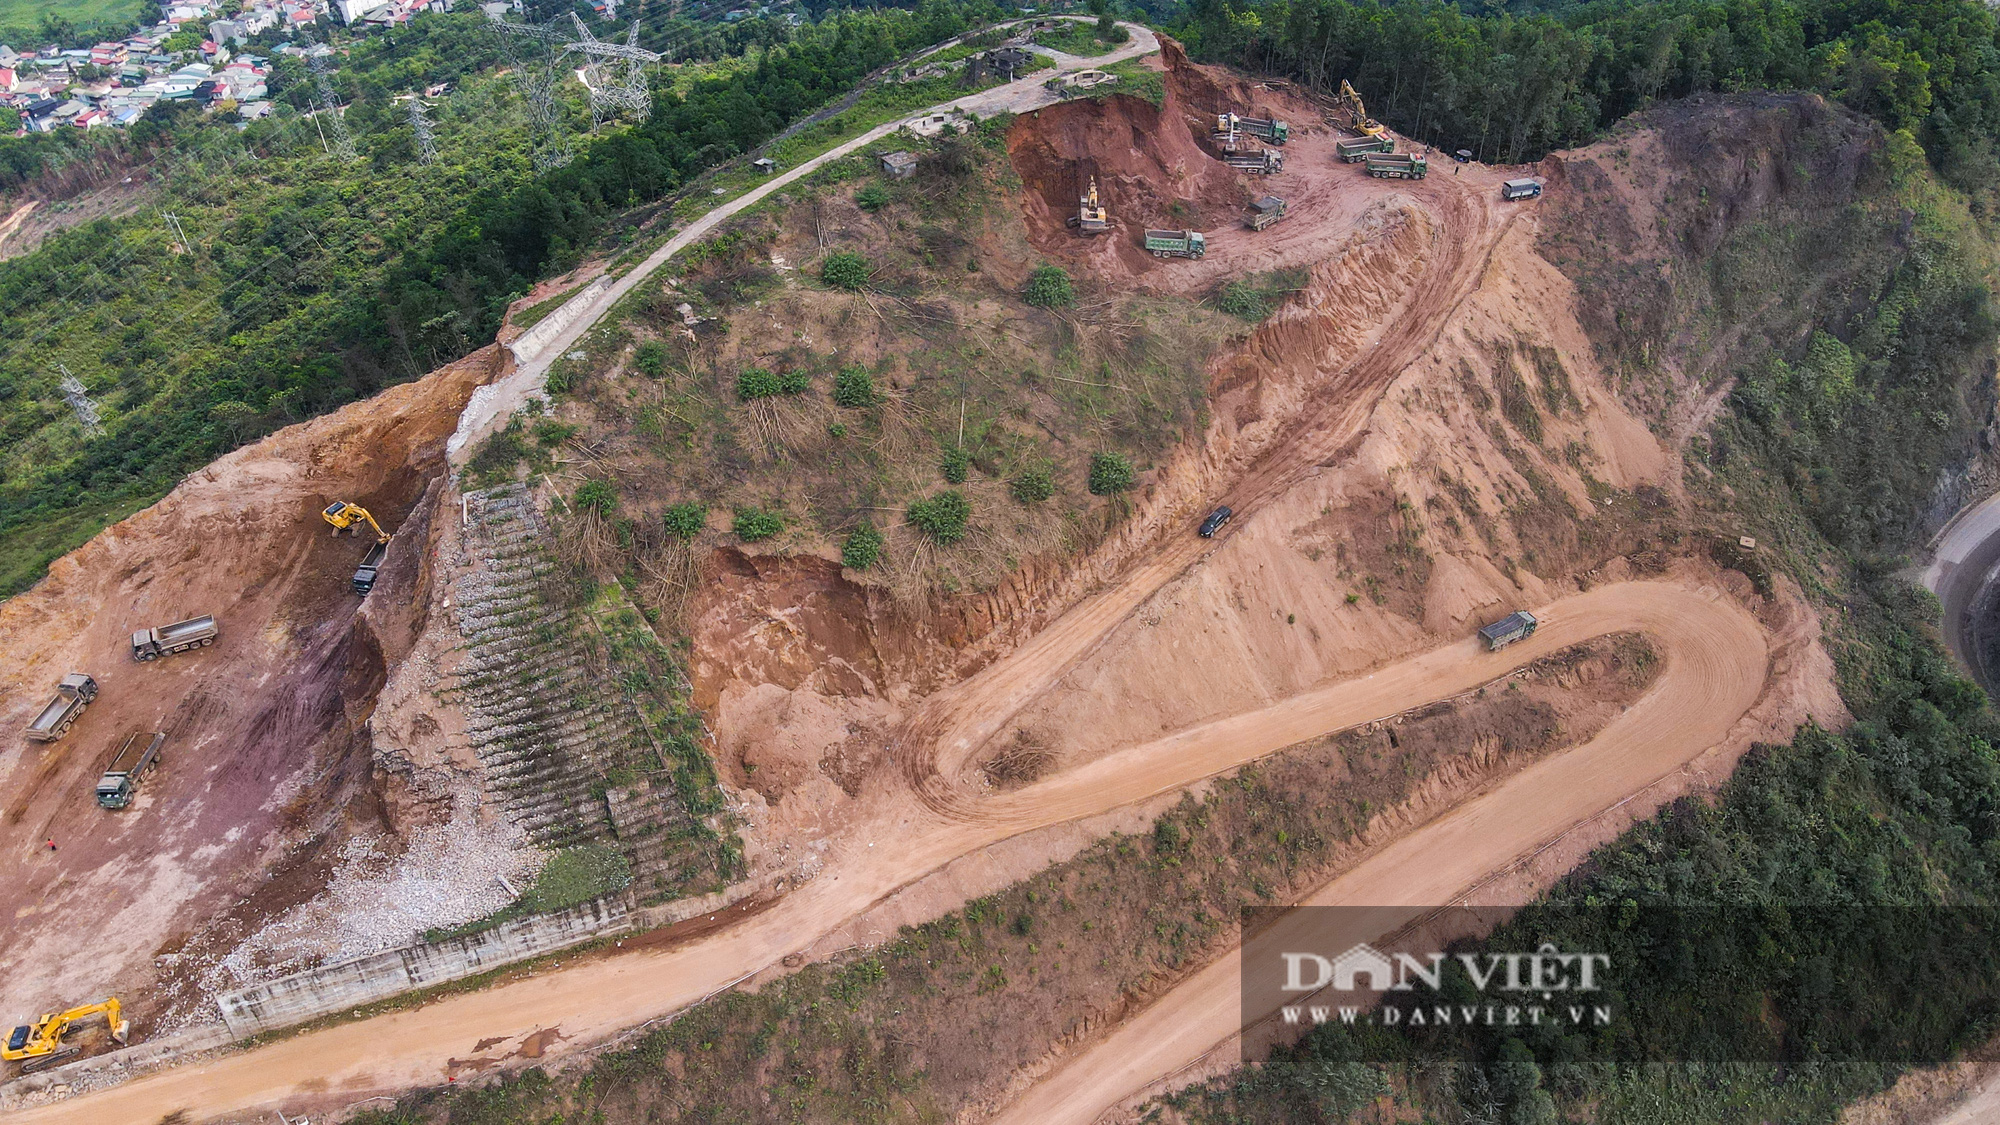 Công trình mở rộng nhà máy thuỷ điện Hoà Bình hơn 9000 tỷ nhìn từ trên cao  - Ảnh 6.